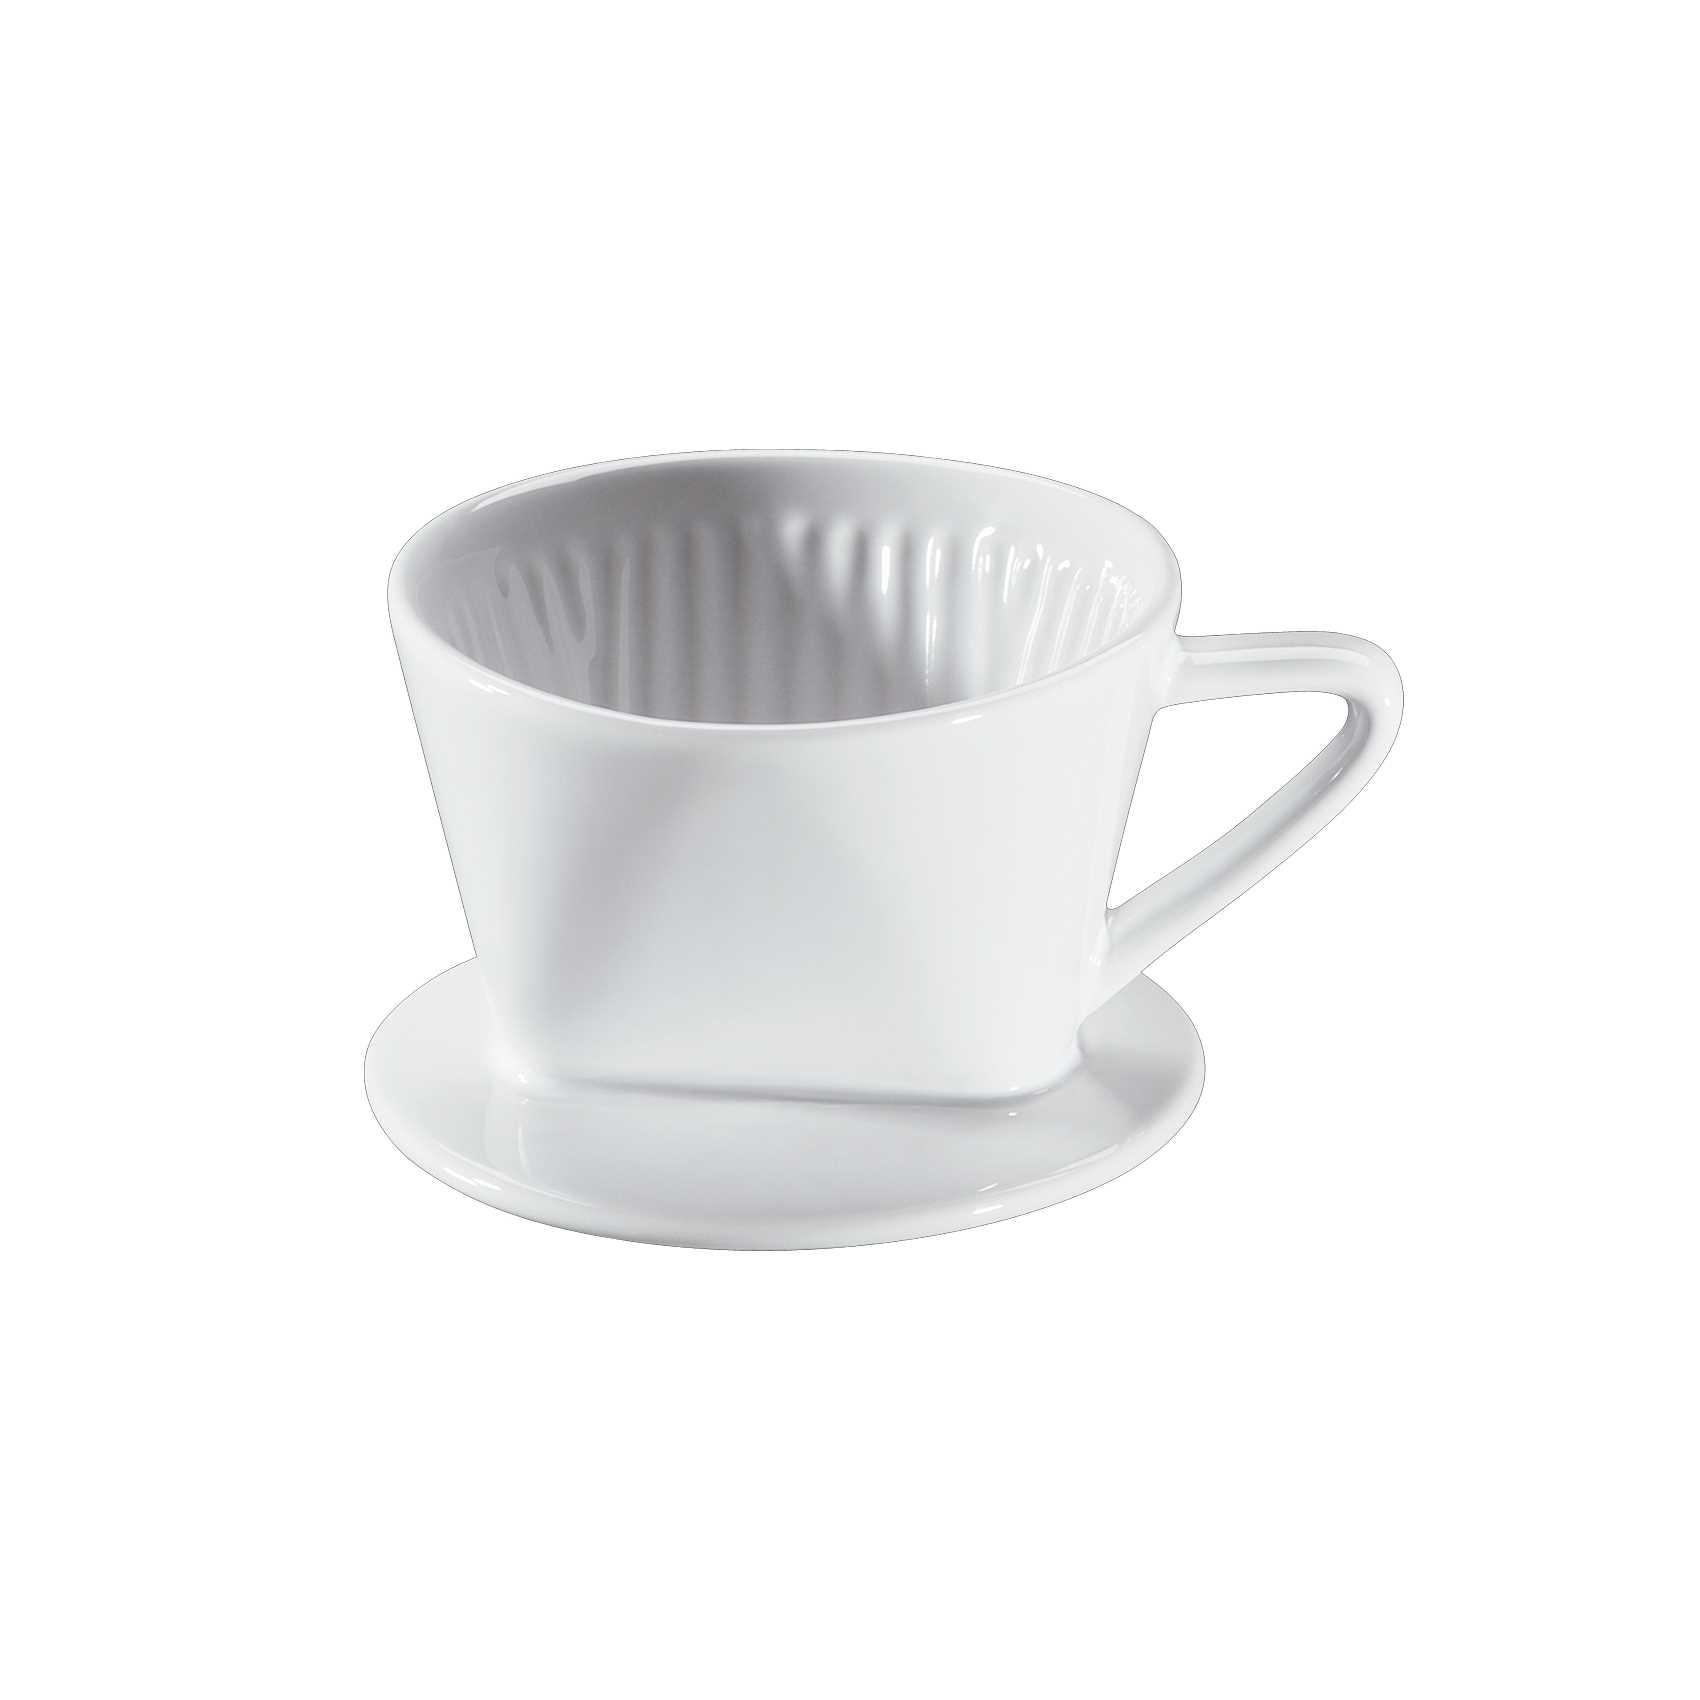 cilio porzellan kaffeefilter gr e 1 wei kaffeefilter kaffee espresso essen trinken. Black Bedroom Furniture Sets. Home Design Ideas